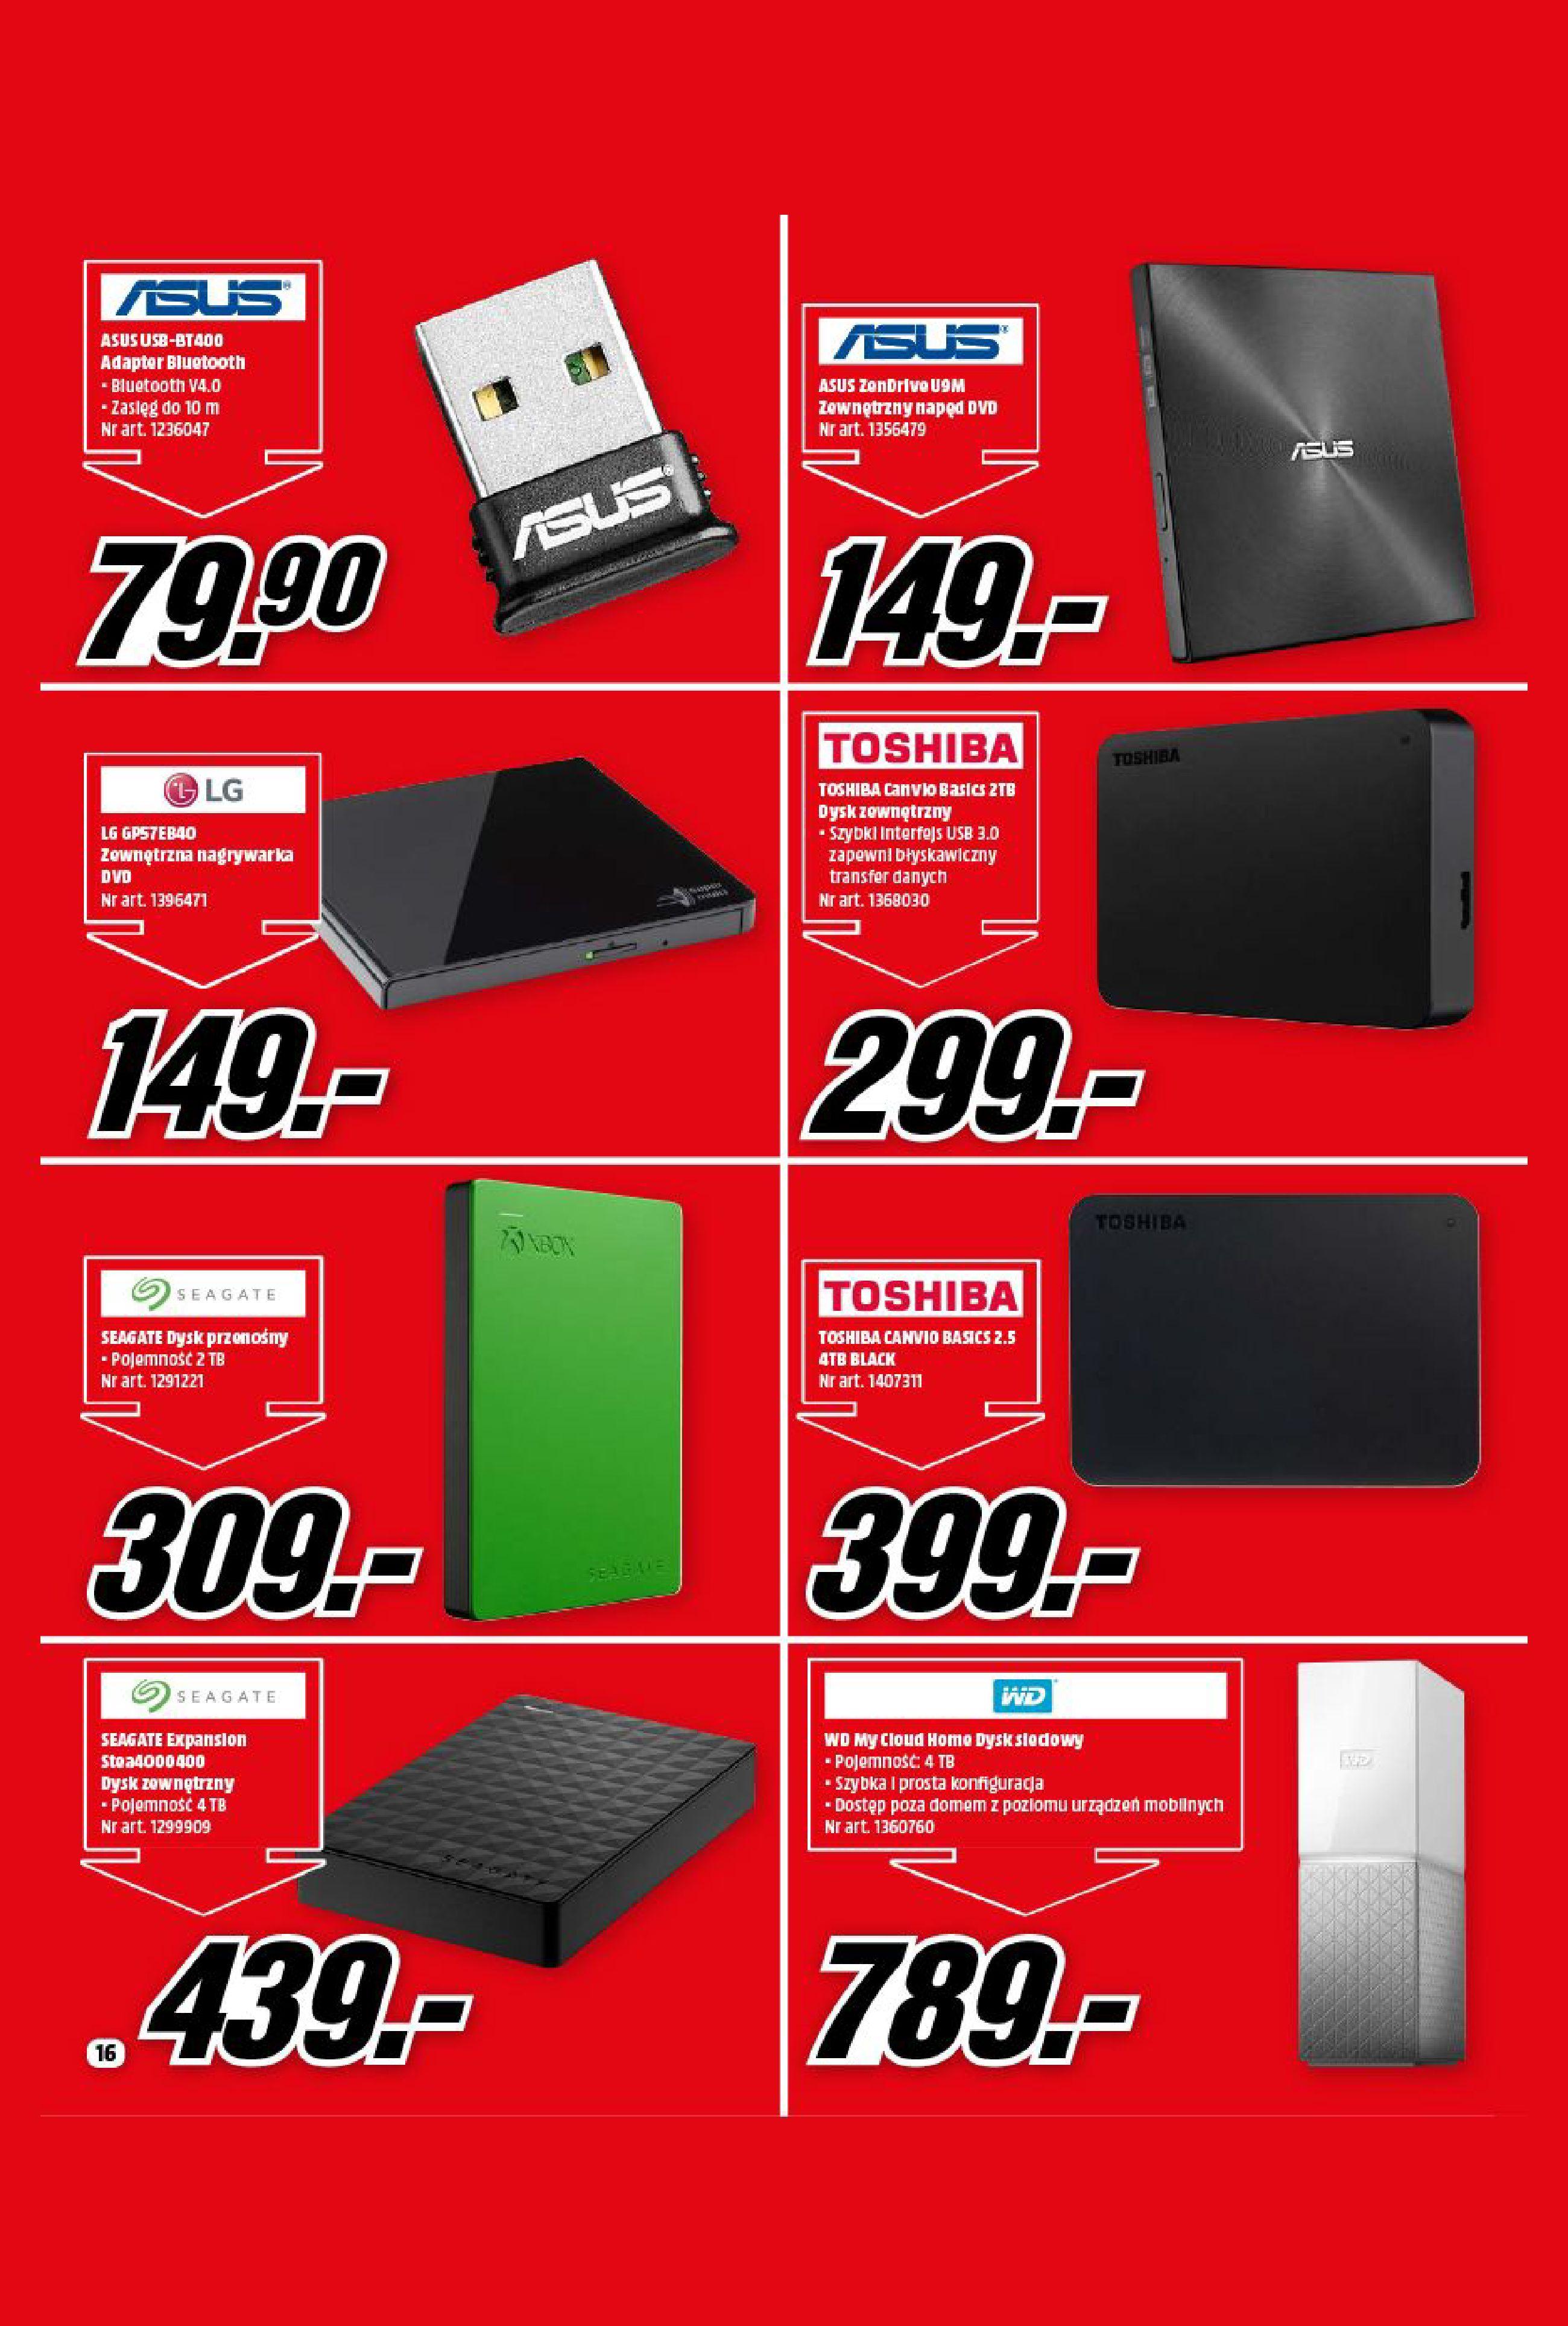 Gazetka Media Markt: Gazetka Media Markt - Wrzesień 2021 2021-09-09 page-16